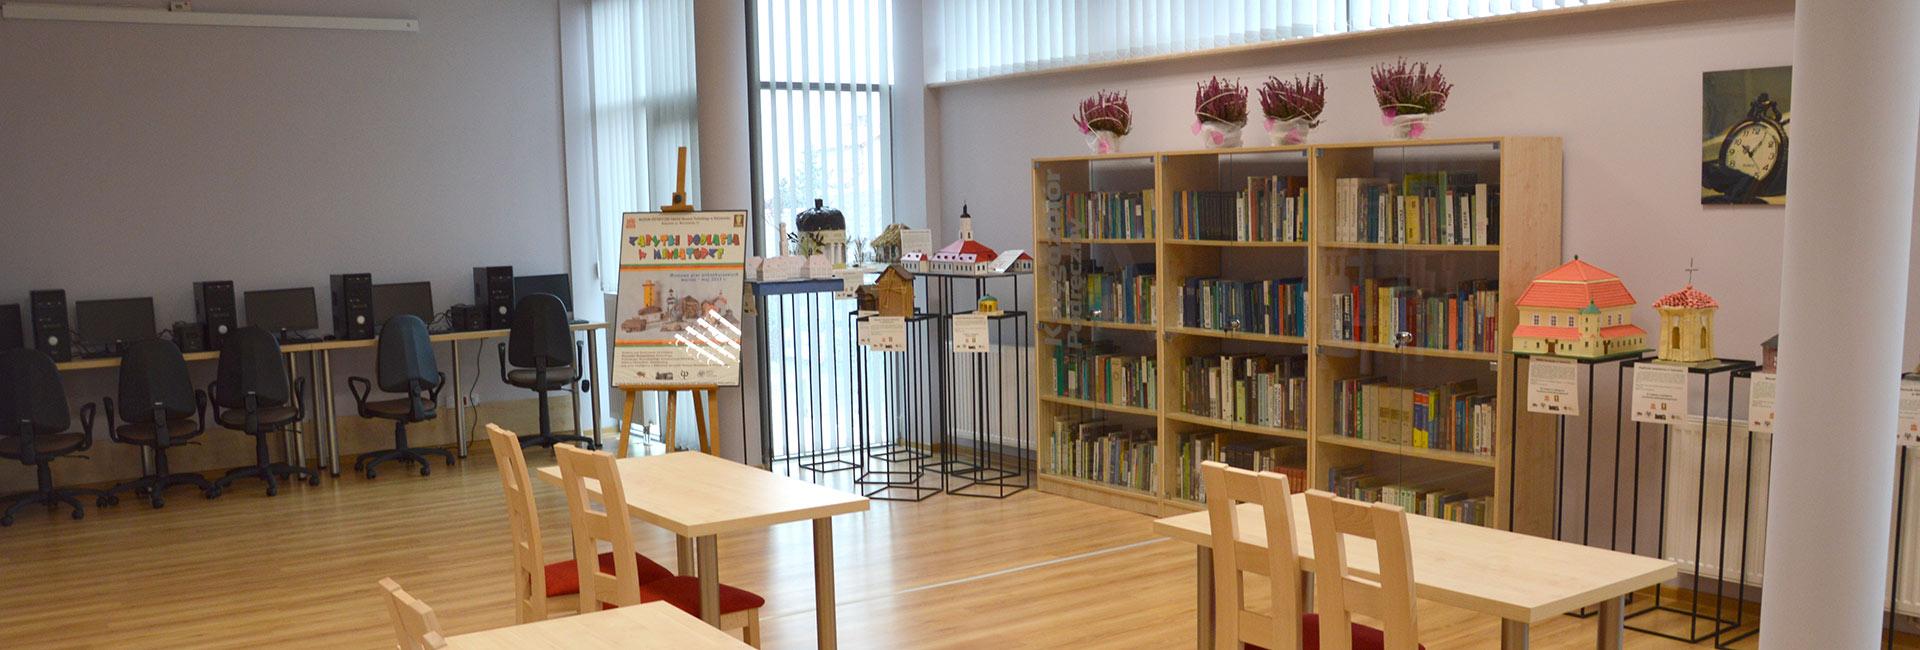 sala komputerowa w bibliotece, regały z książkami